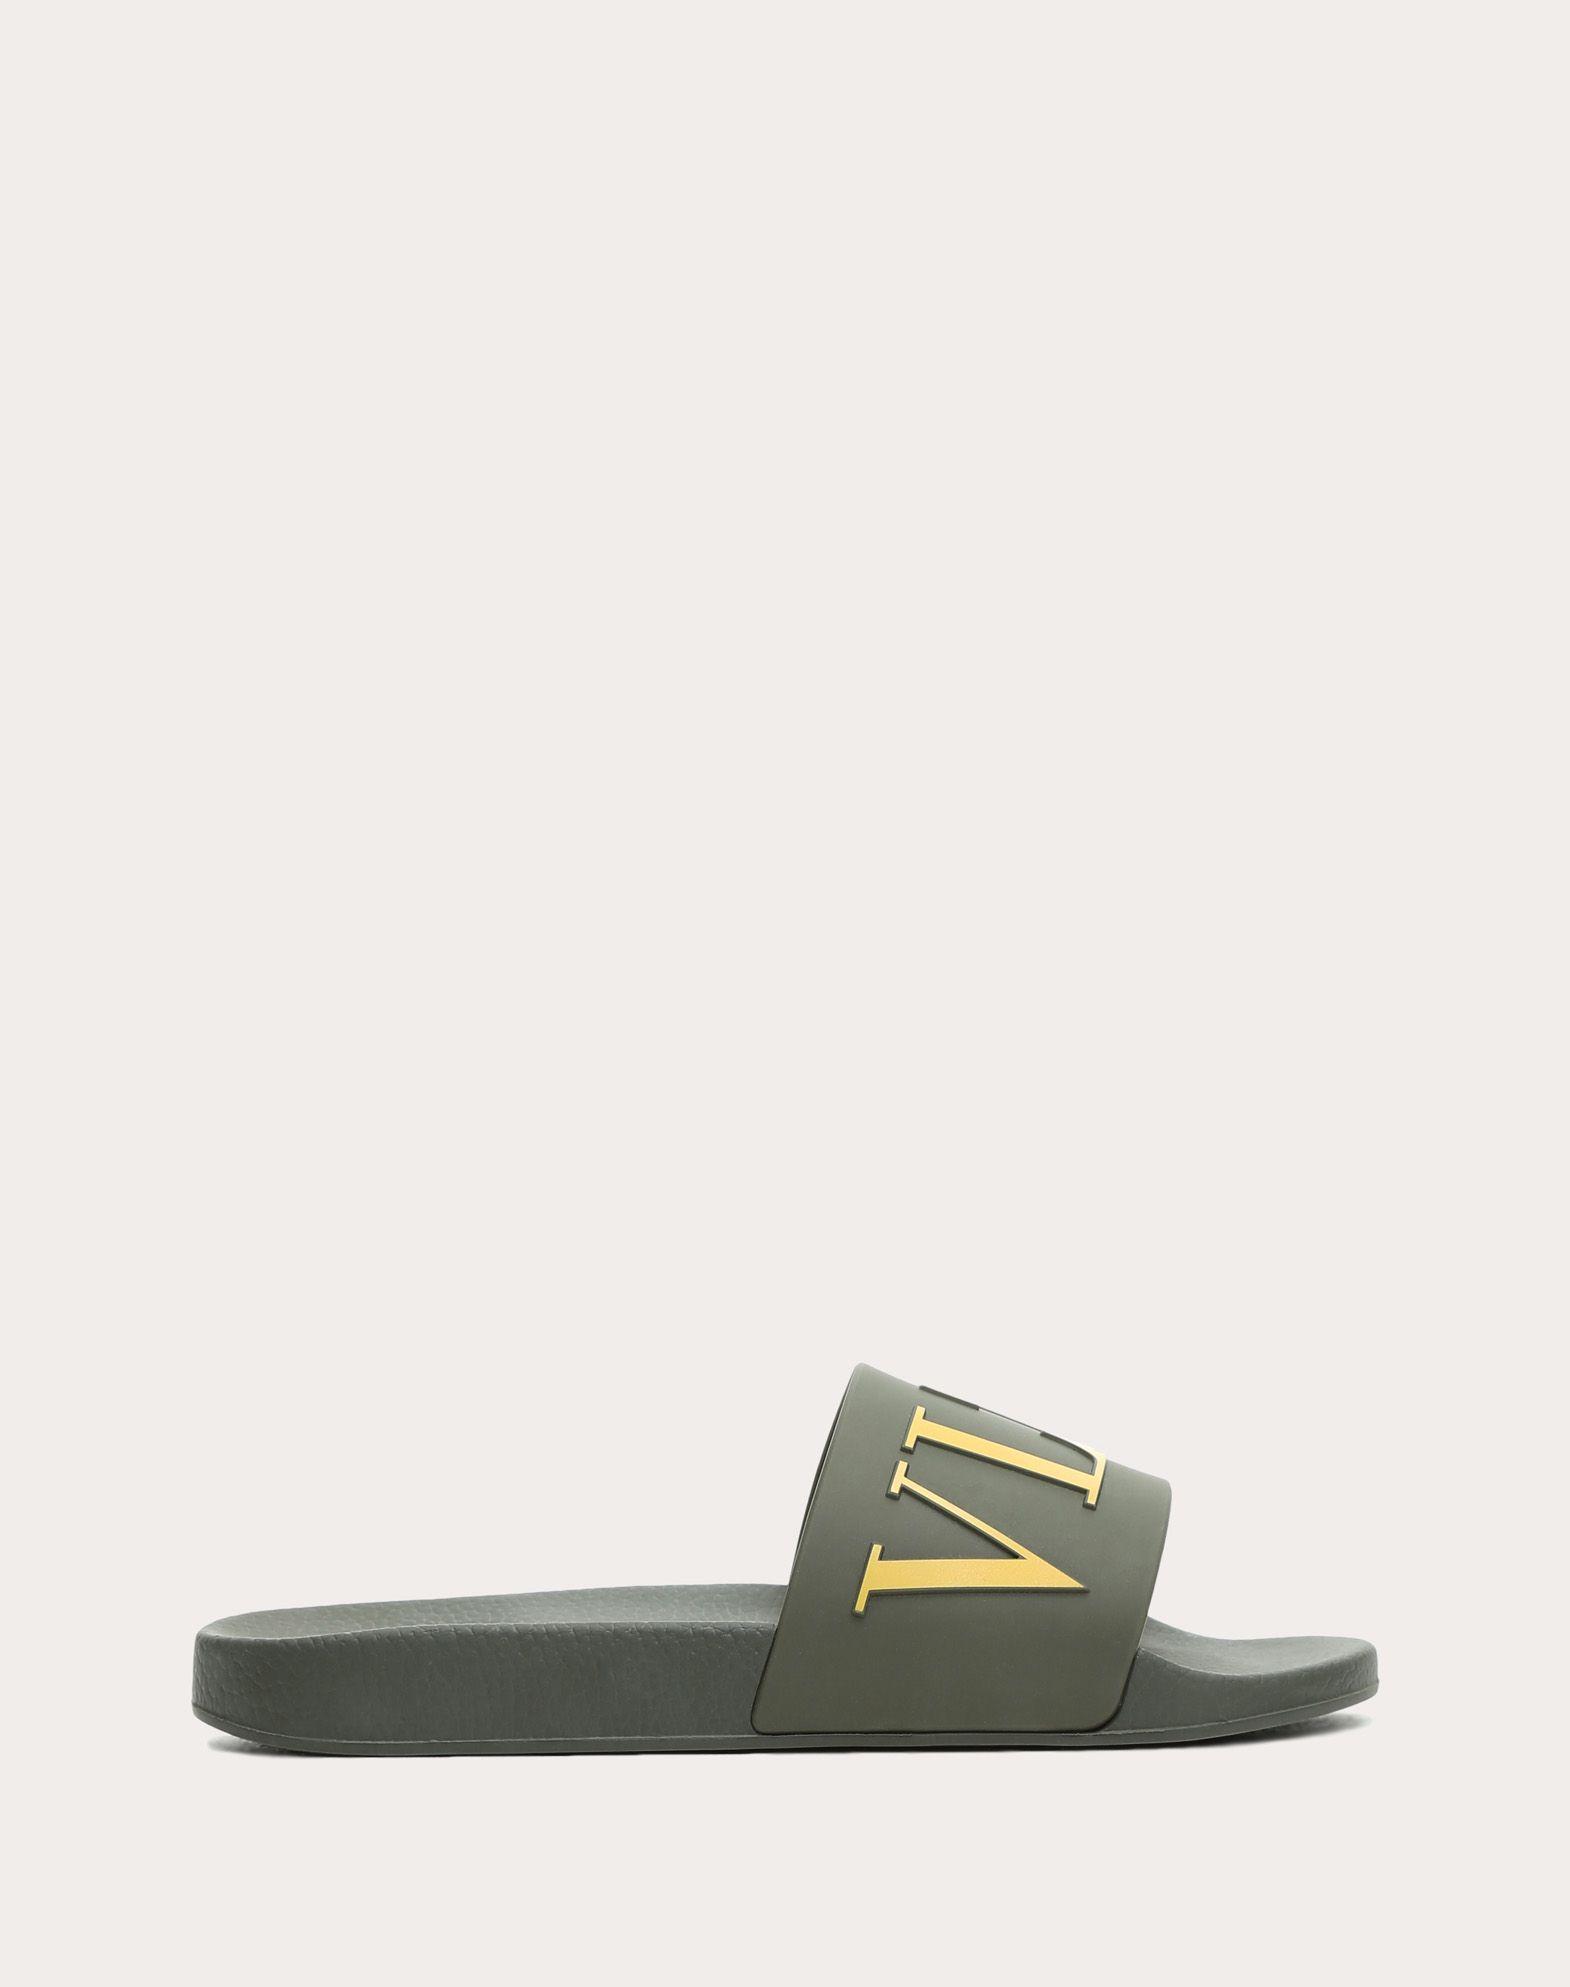 VALENTINO 附品牌标志 附品牌标志 单色 橡胶鞋底 圆头鞋头 平跟  11417642ae